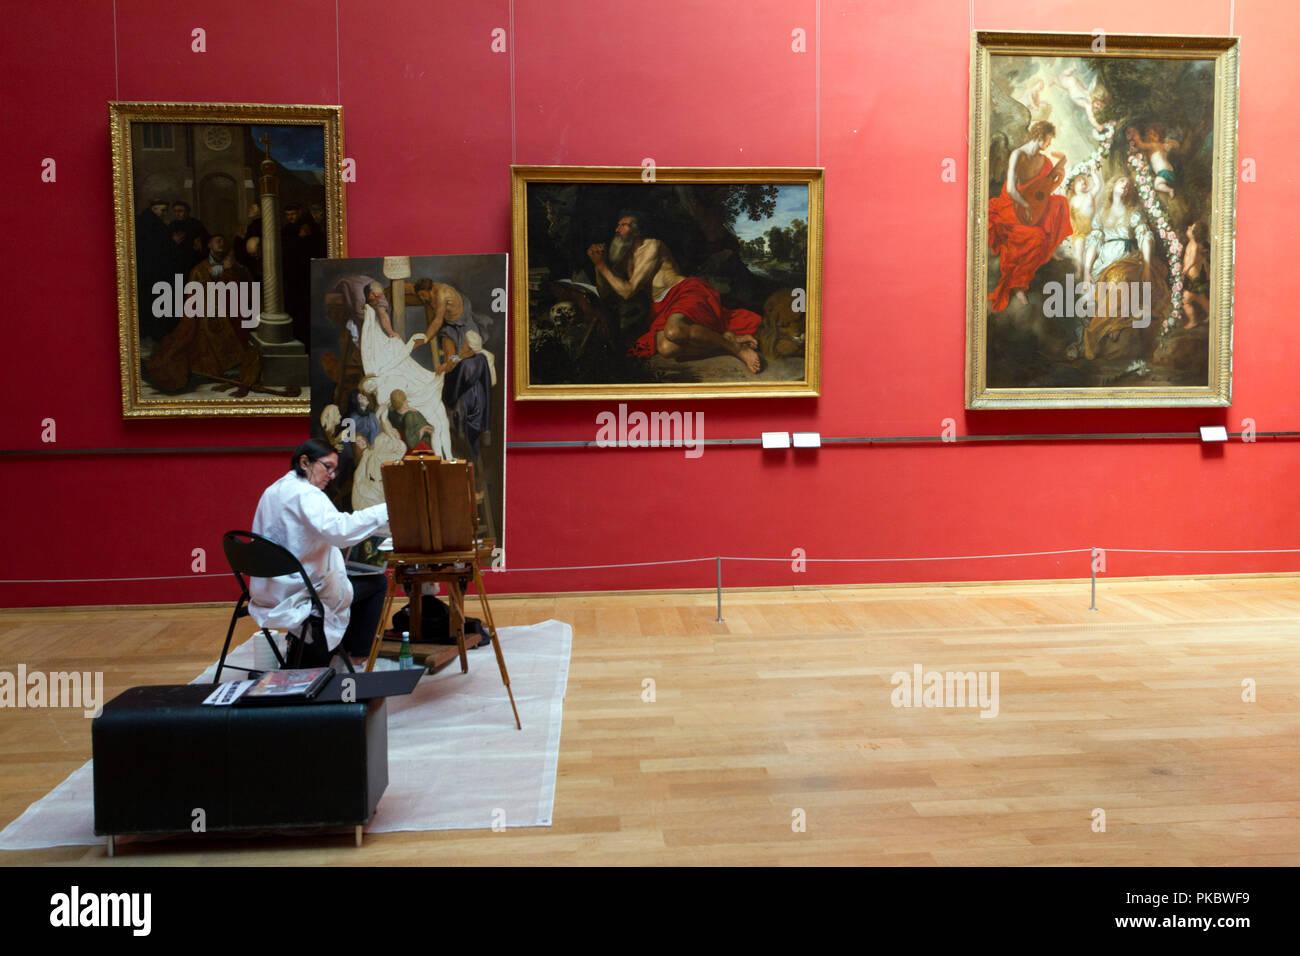 Copie de « La Descente de Croix » de Rubens, réalisée au Palais des Beaux-Arts de Lille - Stock Image